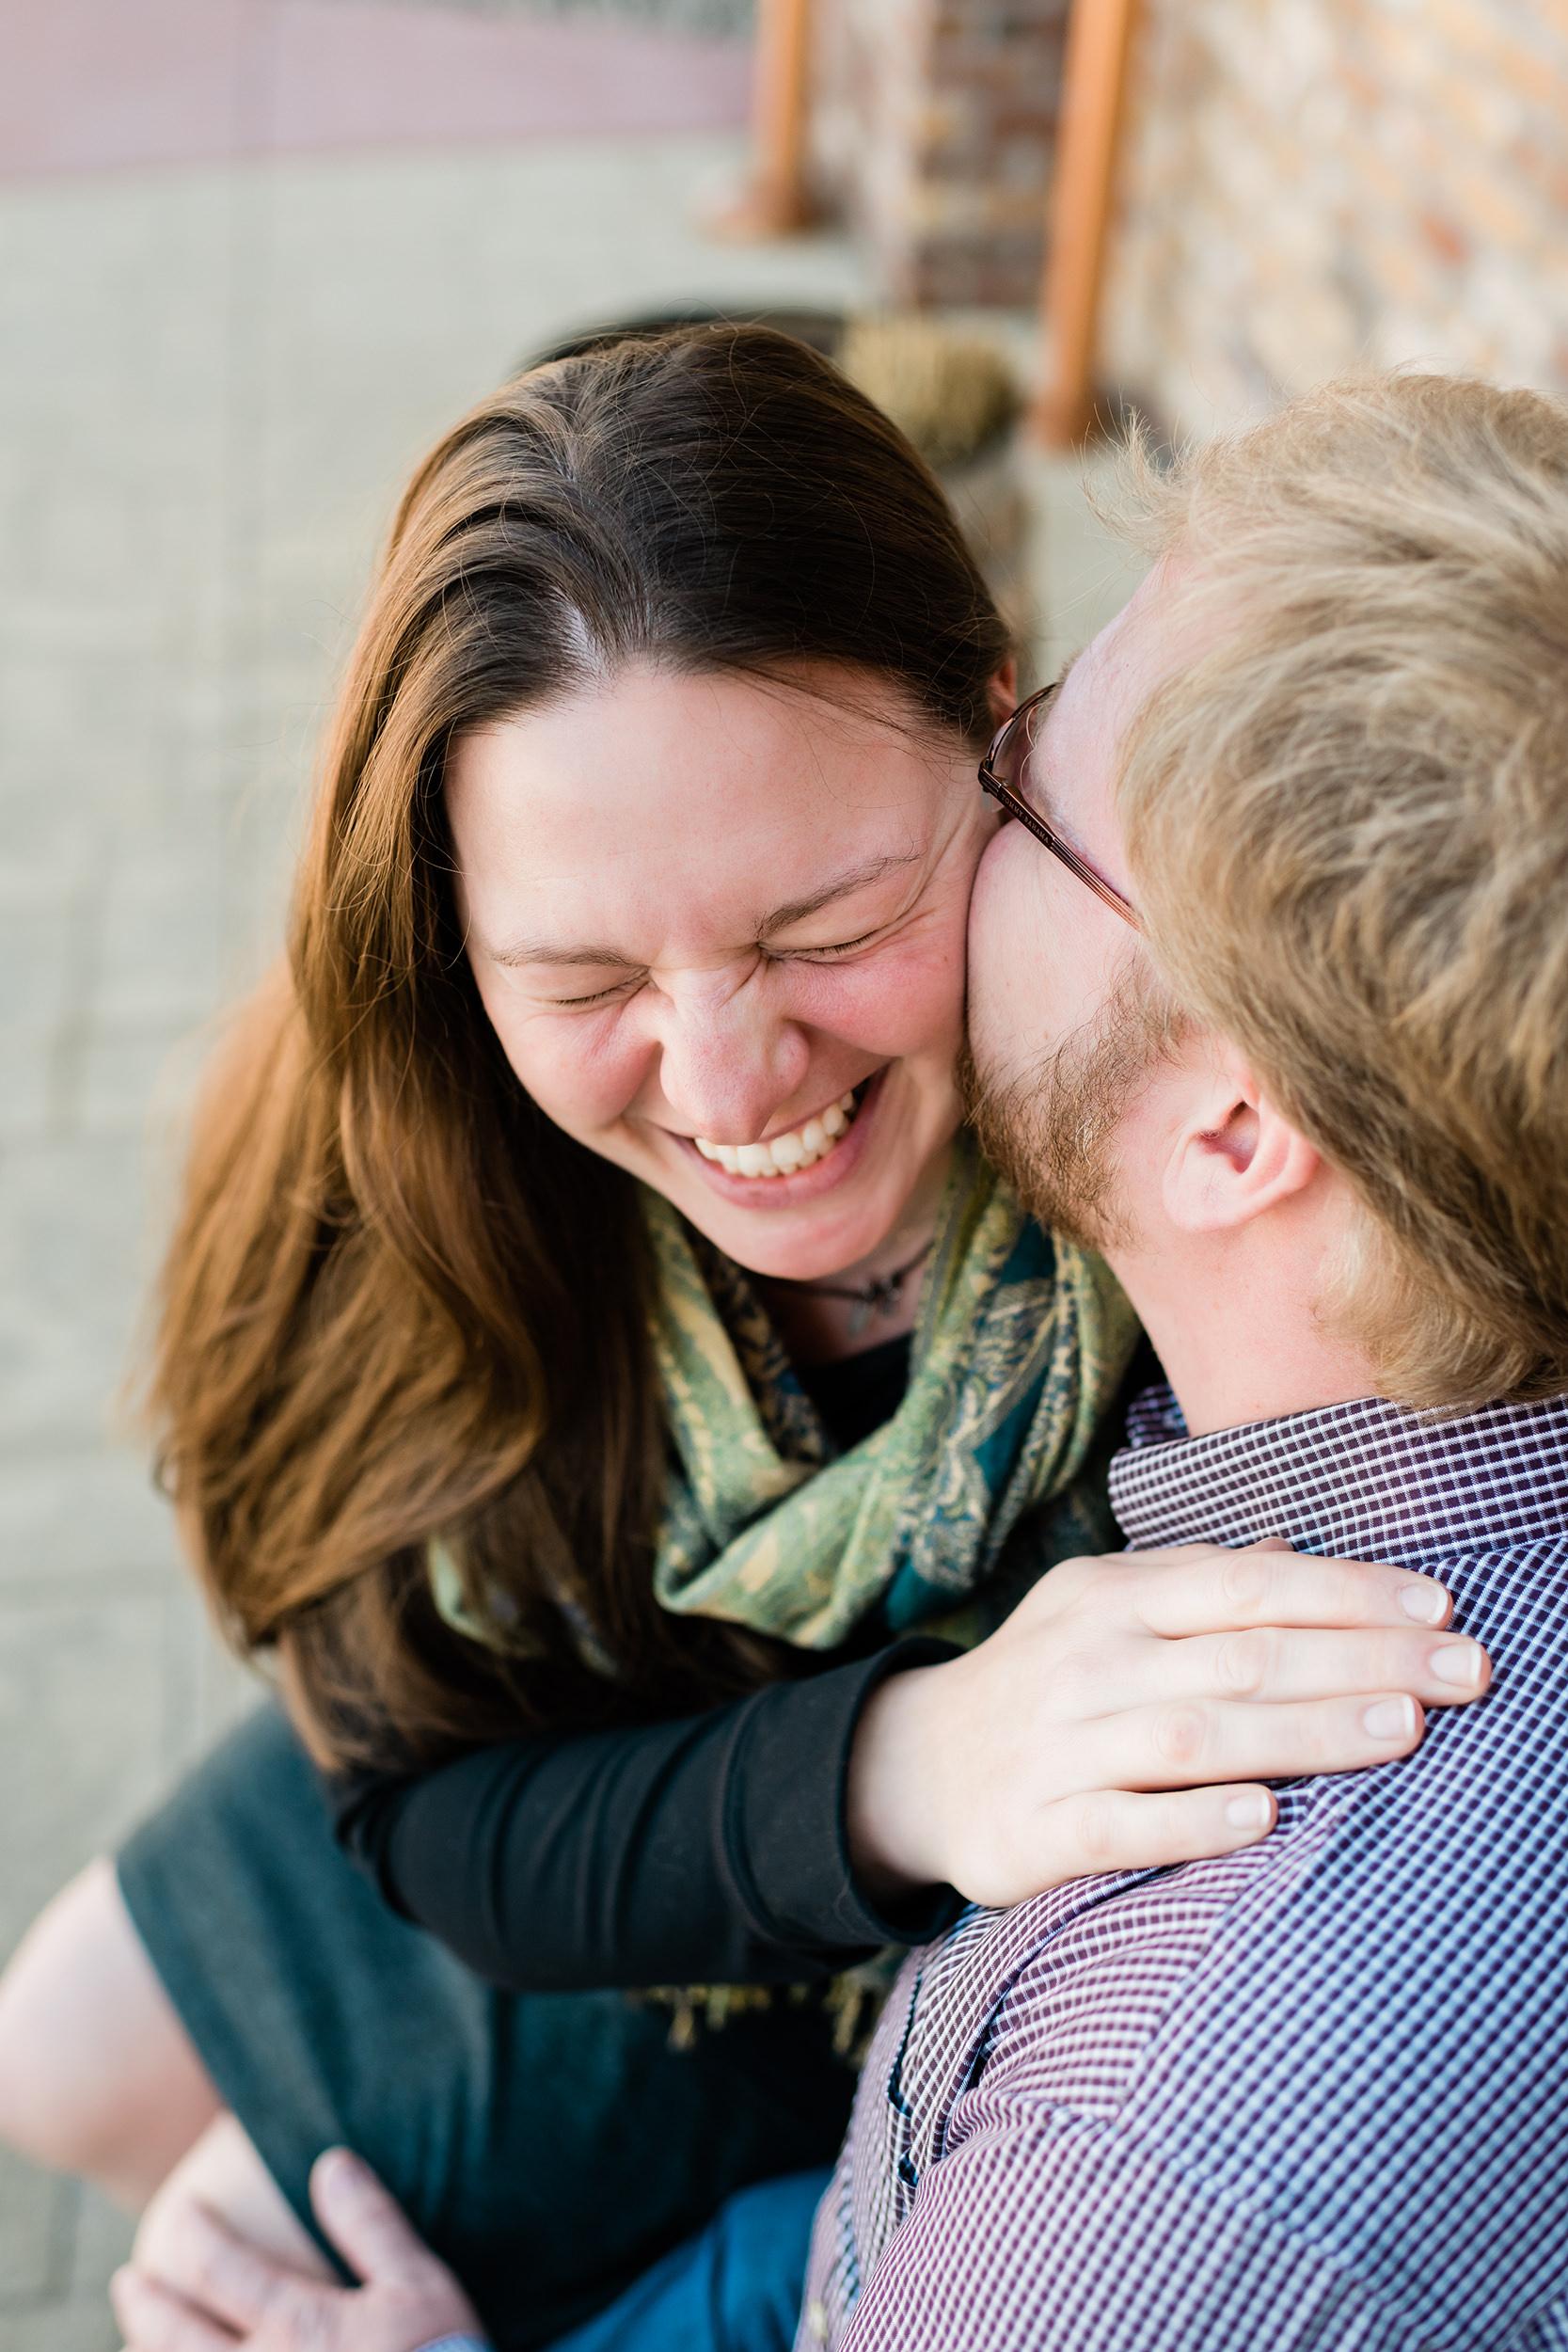 Man makes his fiancé laugh